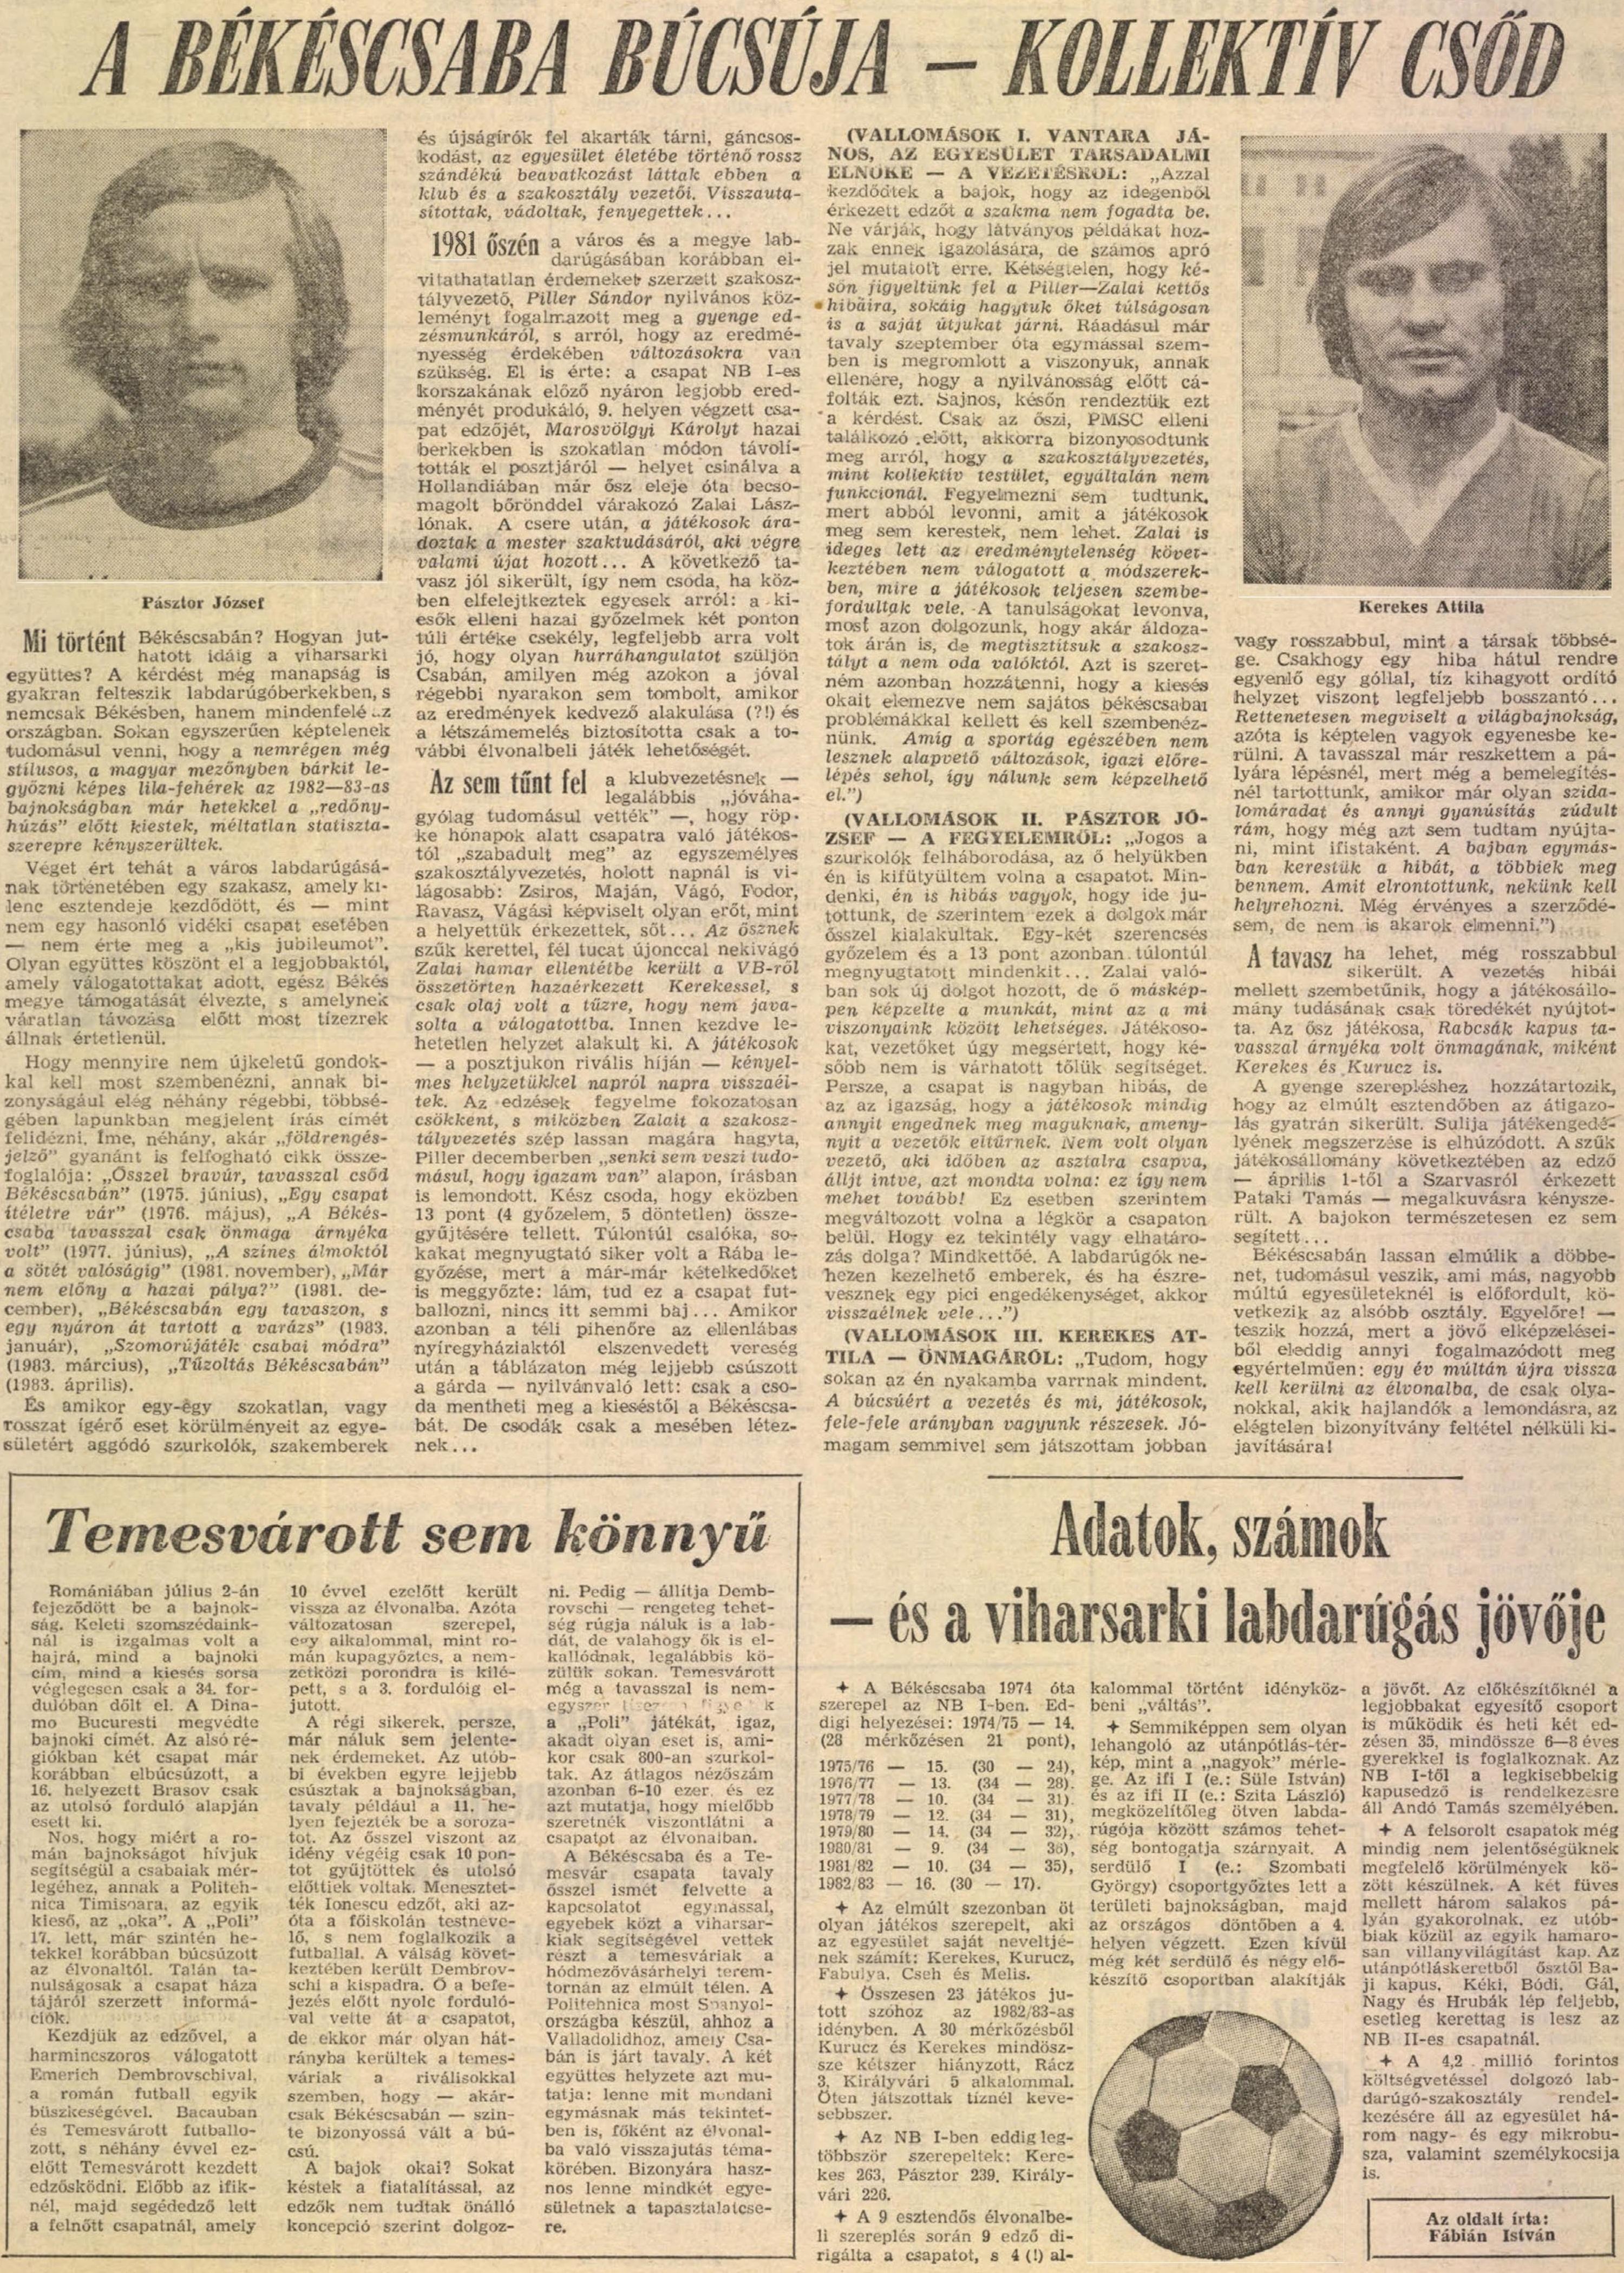 idokapszula_nb_i_1982_83_tavaszi_zaras_merlegen_az_alsohaz_16_bekescsaba.jpg